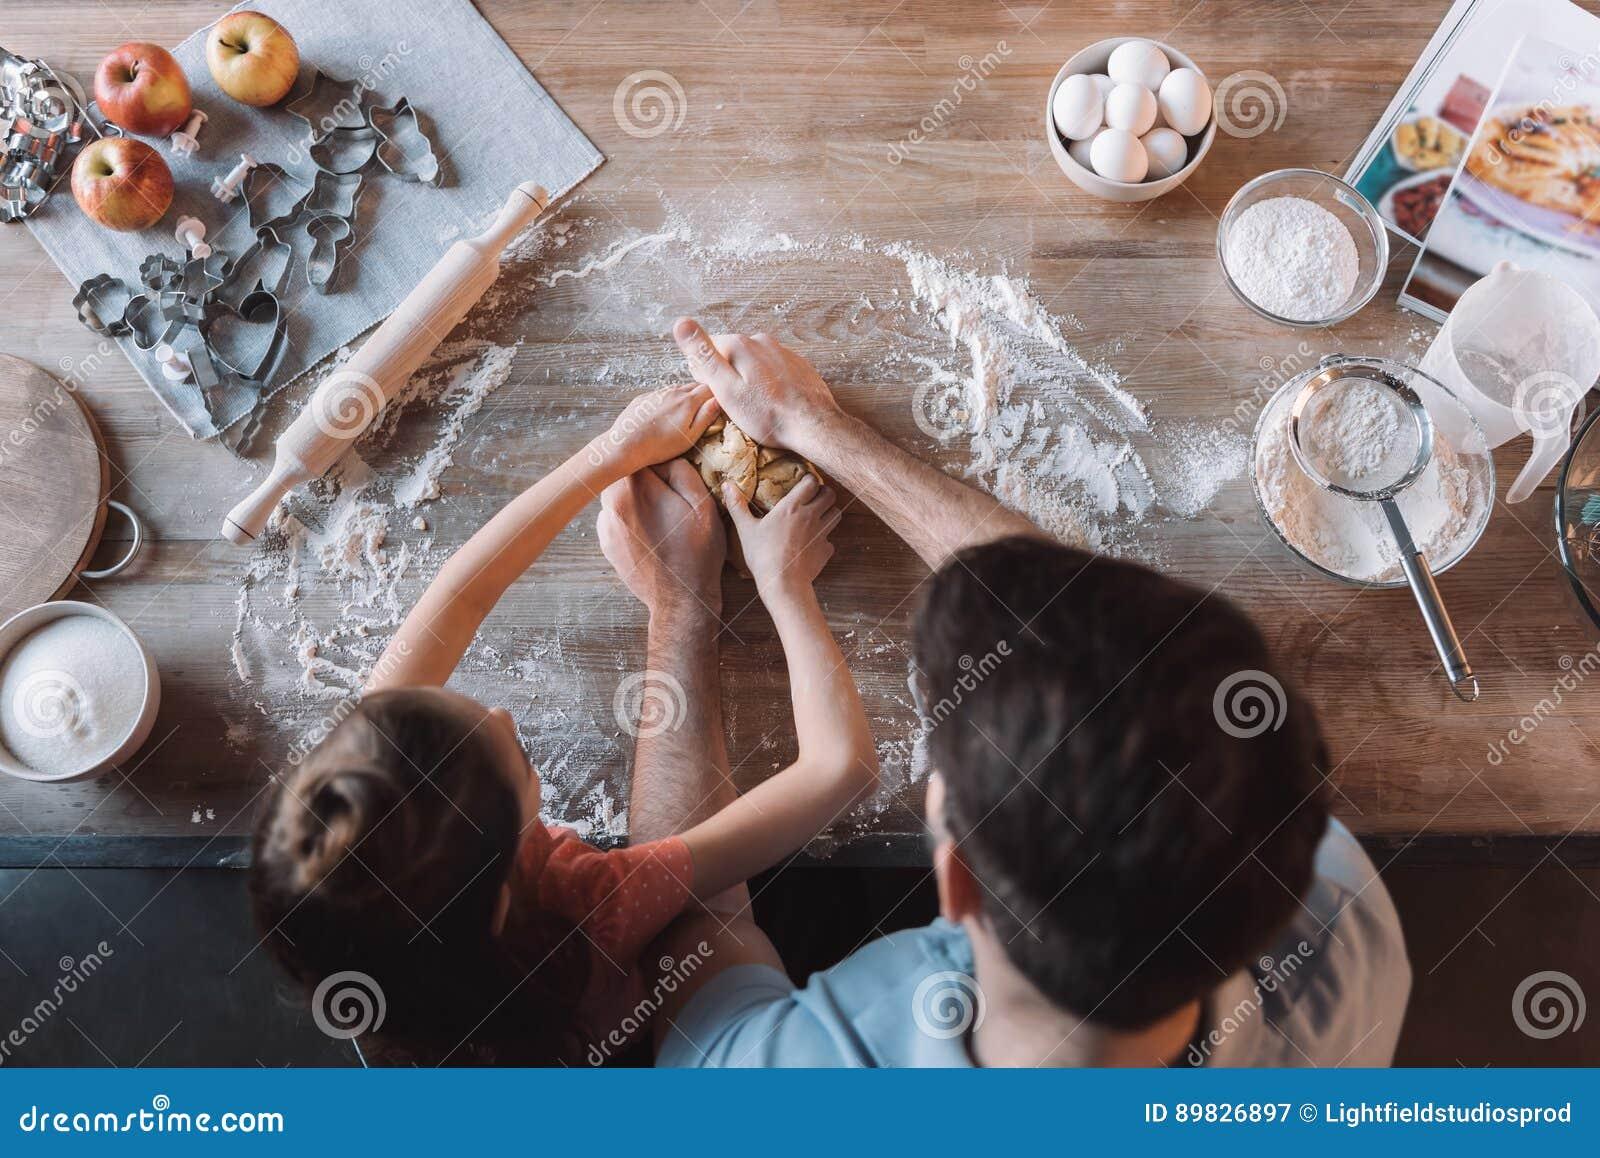 父亲和女儿揉的面团在厨房用桌上